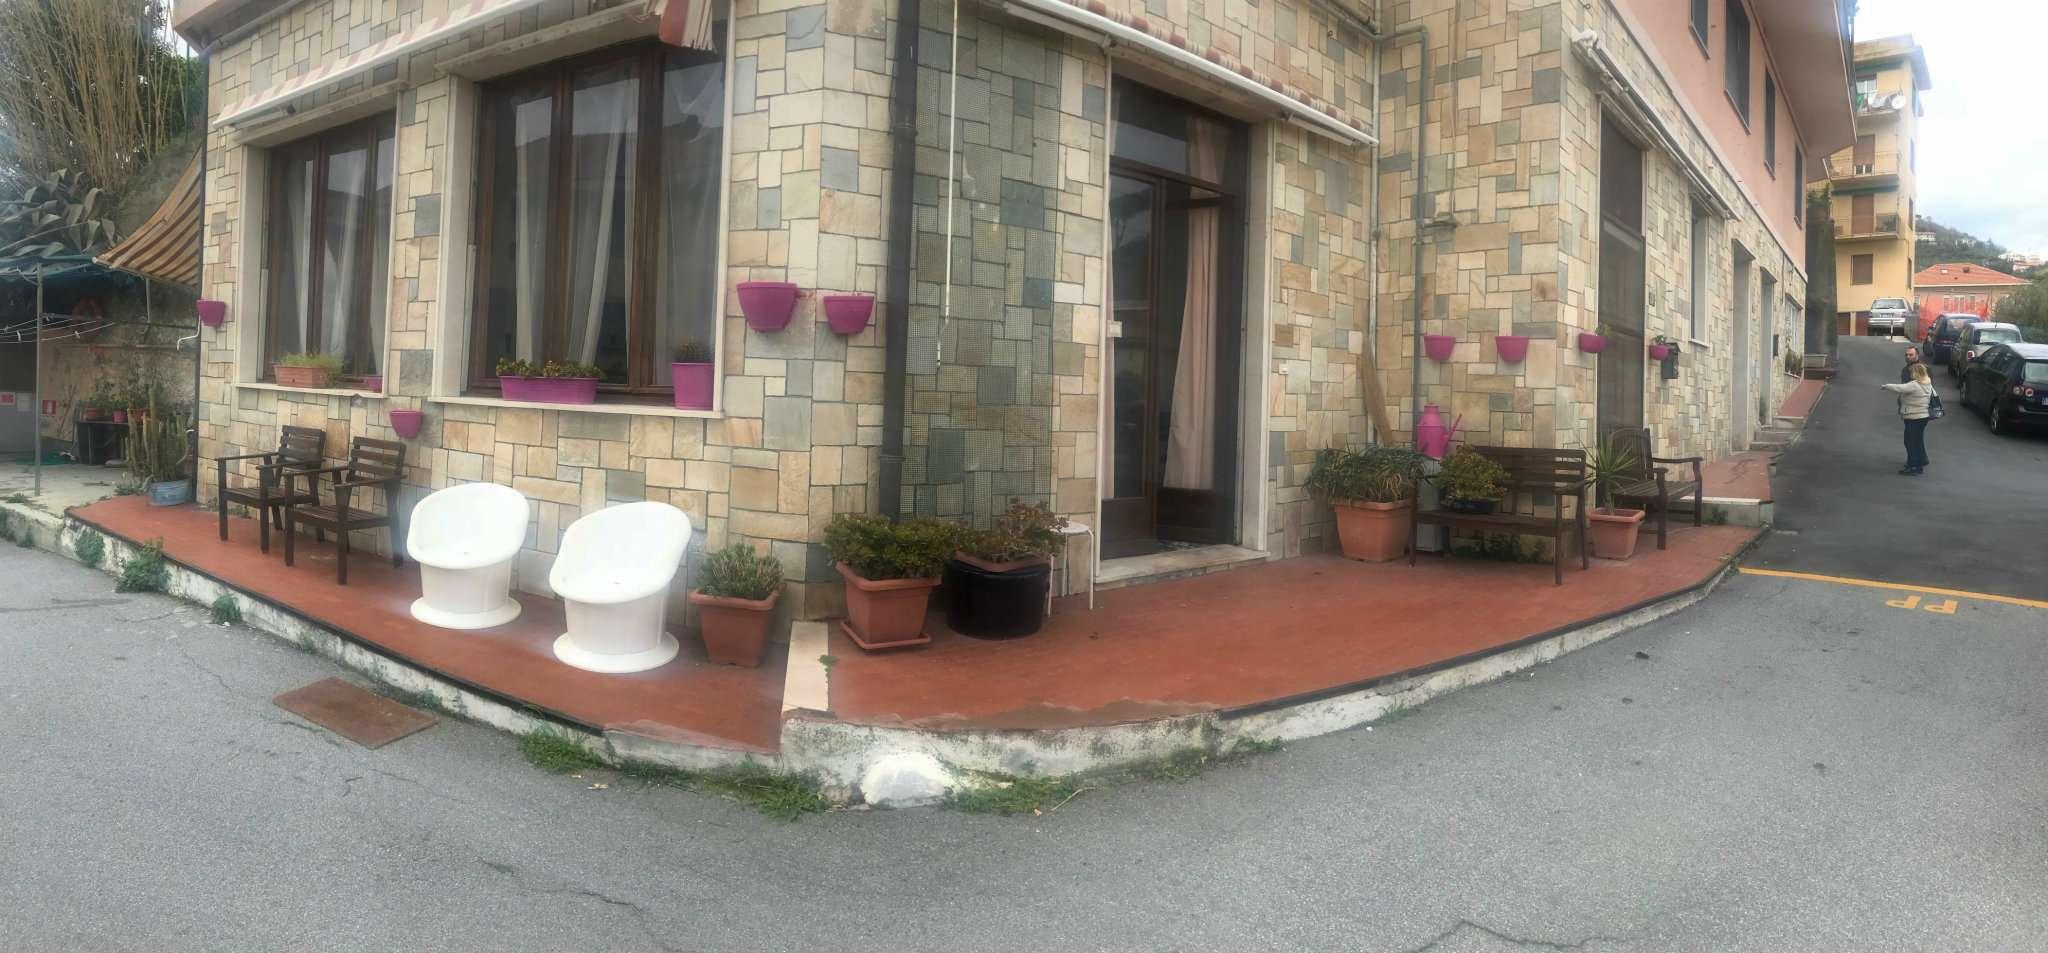 Albergo in vendita a Varazze, 15 locali, prezzo € 690.000 | CambioCasa.it